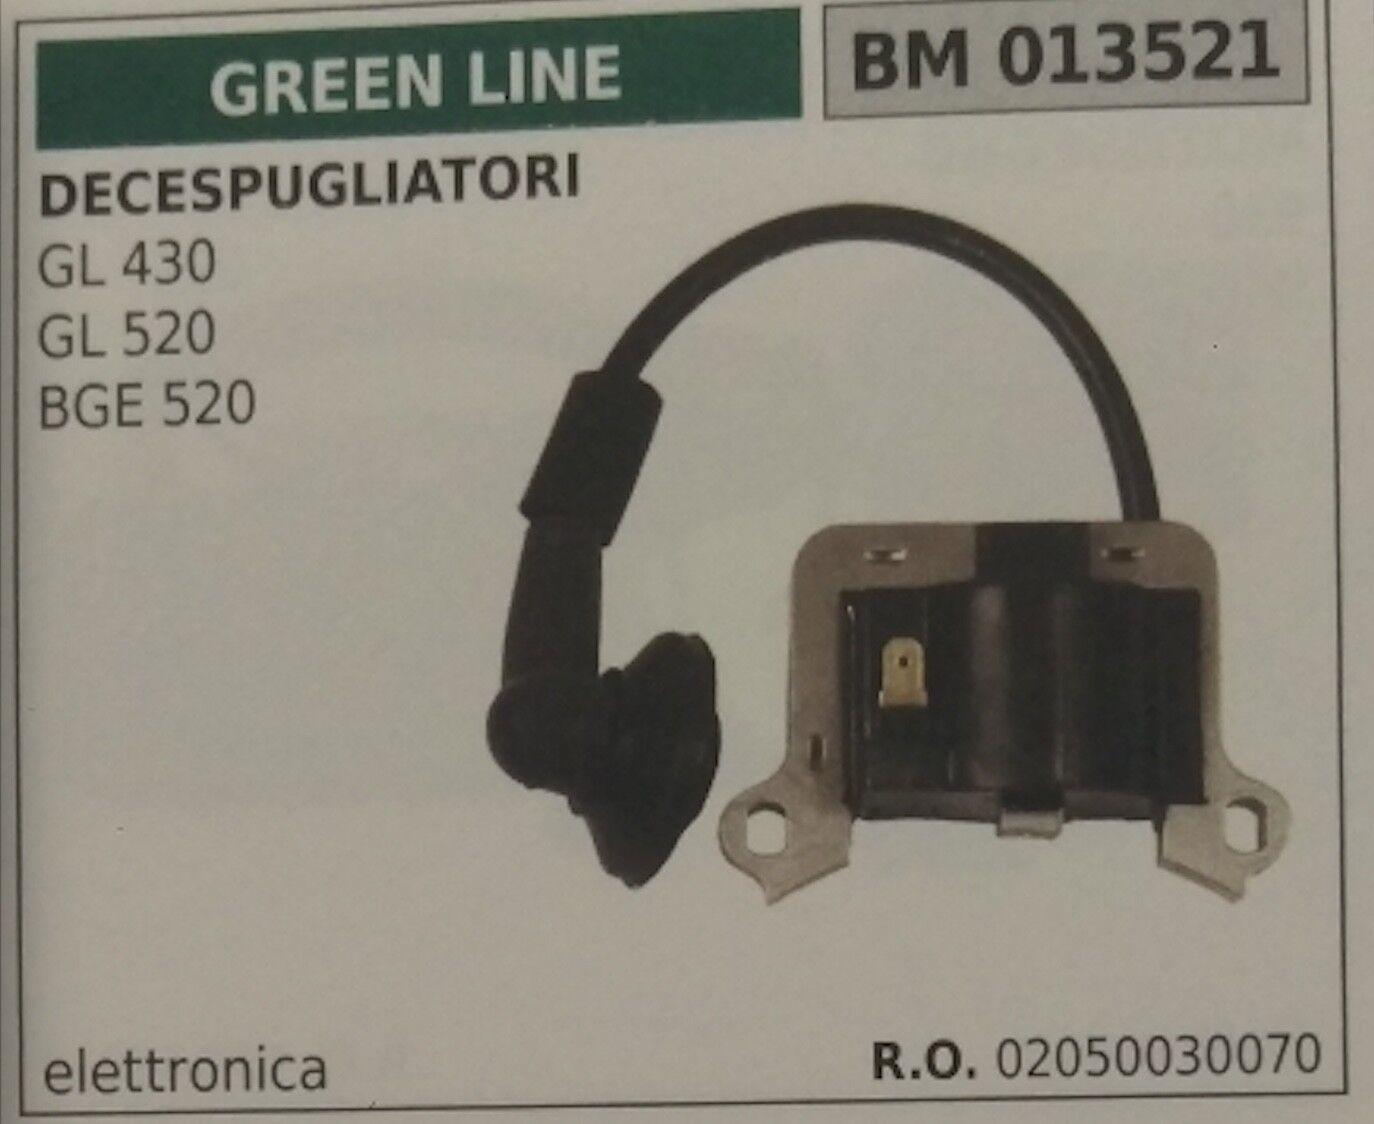 02050030070 Bobina Electrónica Cortador de Cepillo verde Line Gl 430 520 Bge 520